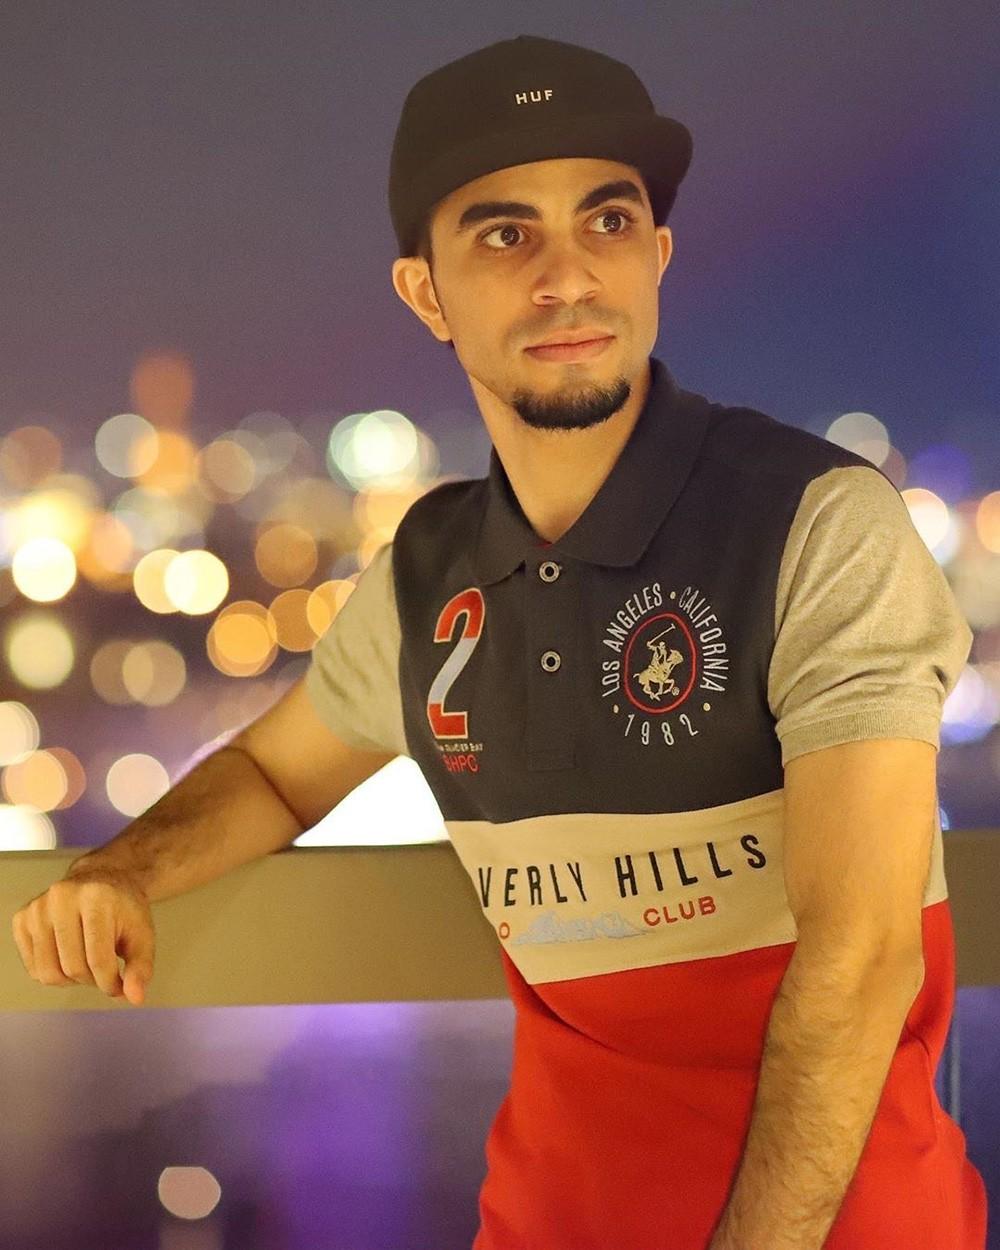 """بالفيديو: ملك اليوتيوب البحريني لـ """"البلاد"""": تورط مشاهير """"السوشيل ميديا"""" بغسيل الأموال """"خيانة للوطن"""""""